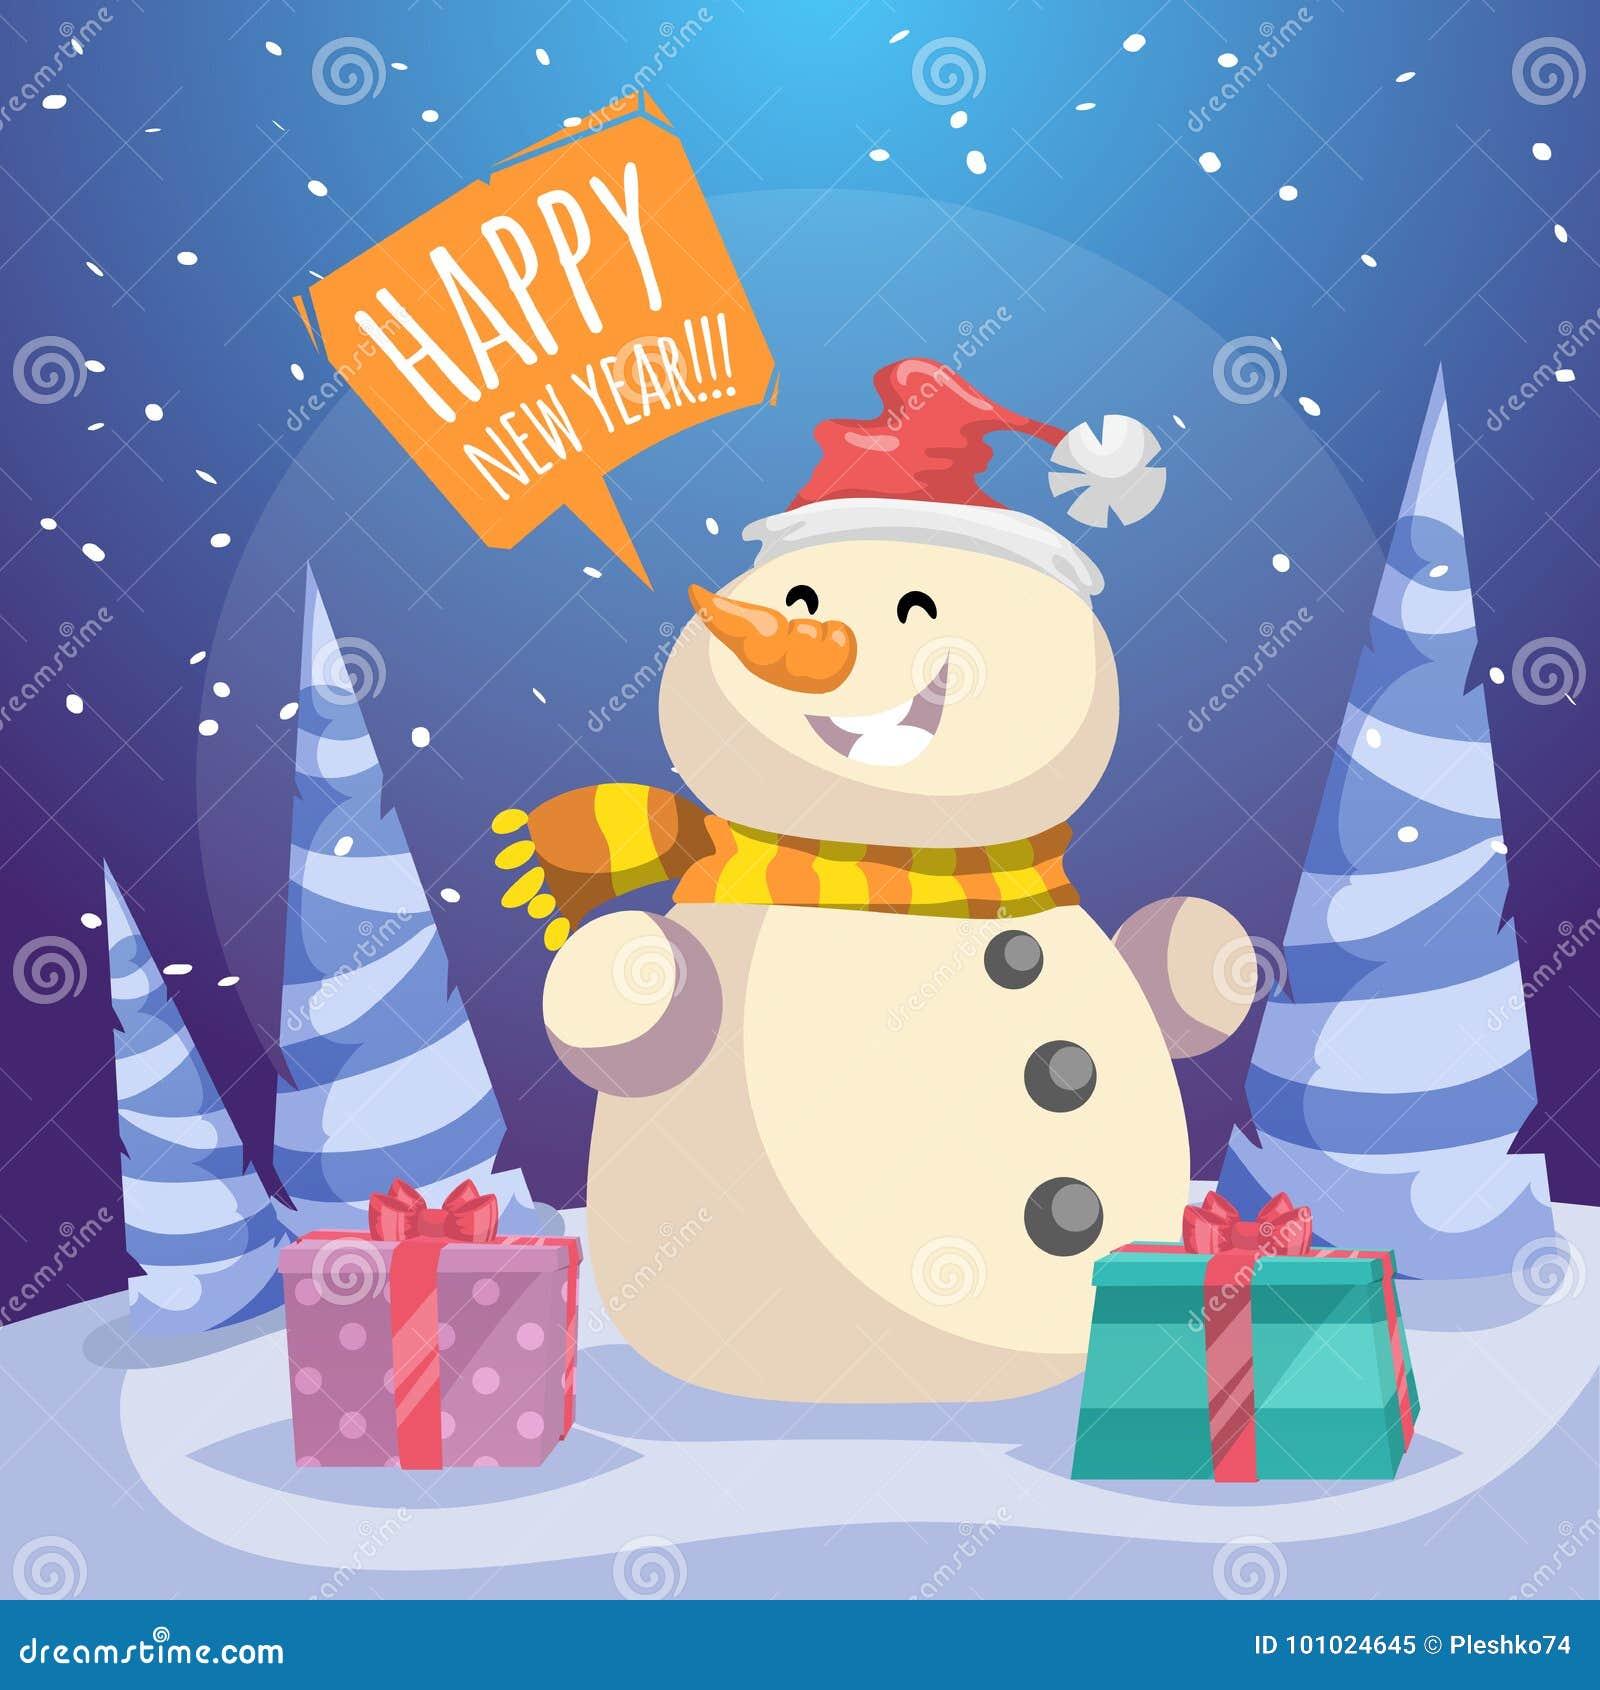 Cartaz Do Feliz Natal Dos Desenhos Animados Boneco De Neve De Riso